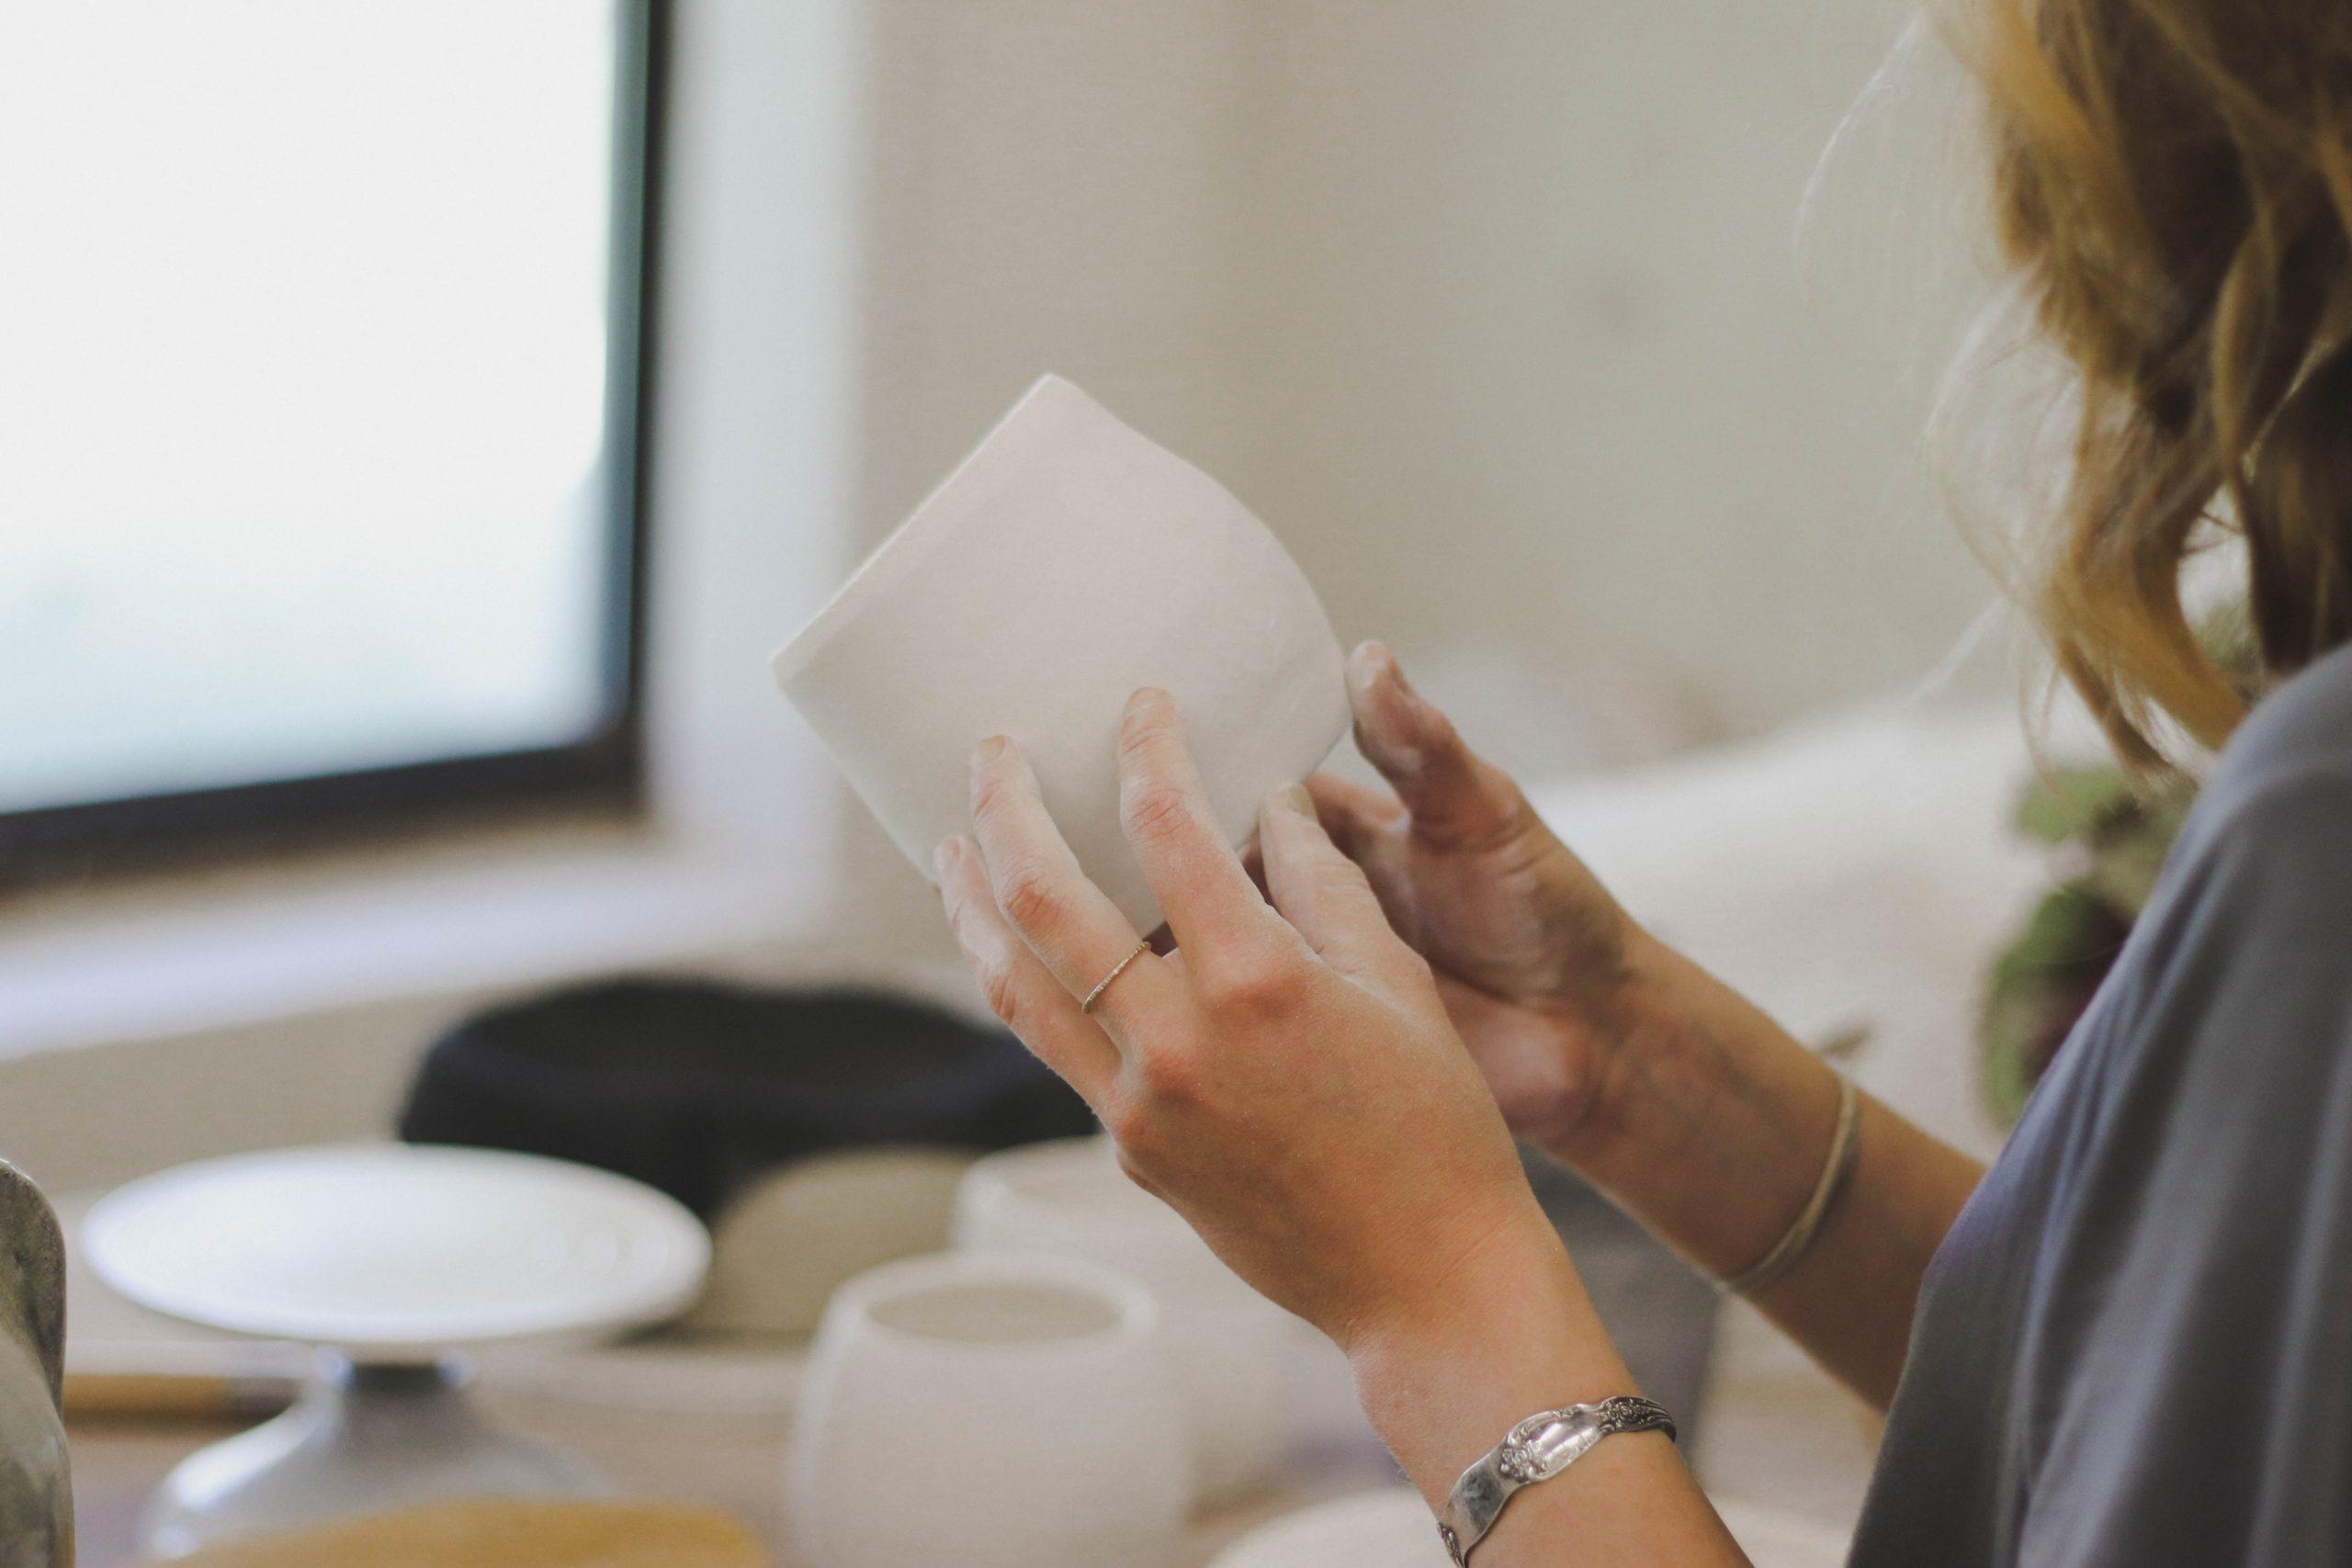 femme pendant un atelier céramique